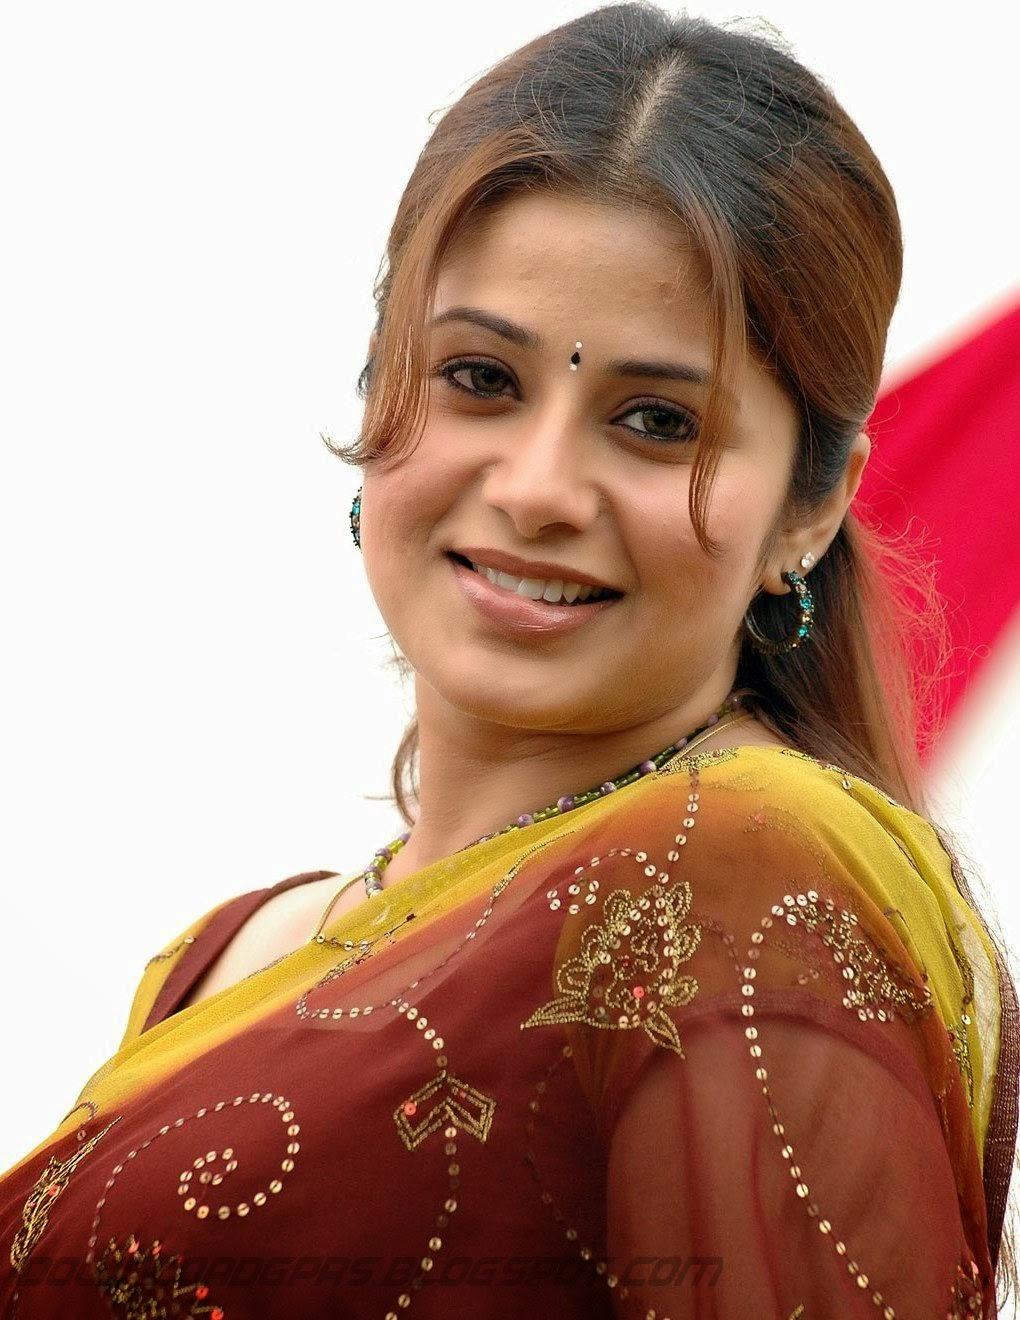 Sangeetha actress Indian nude tamil